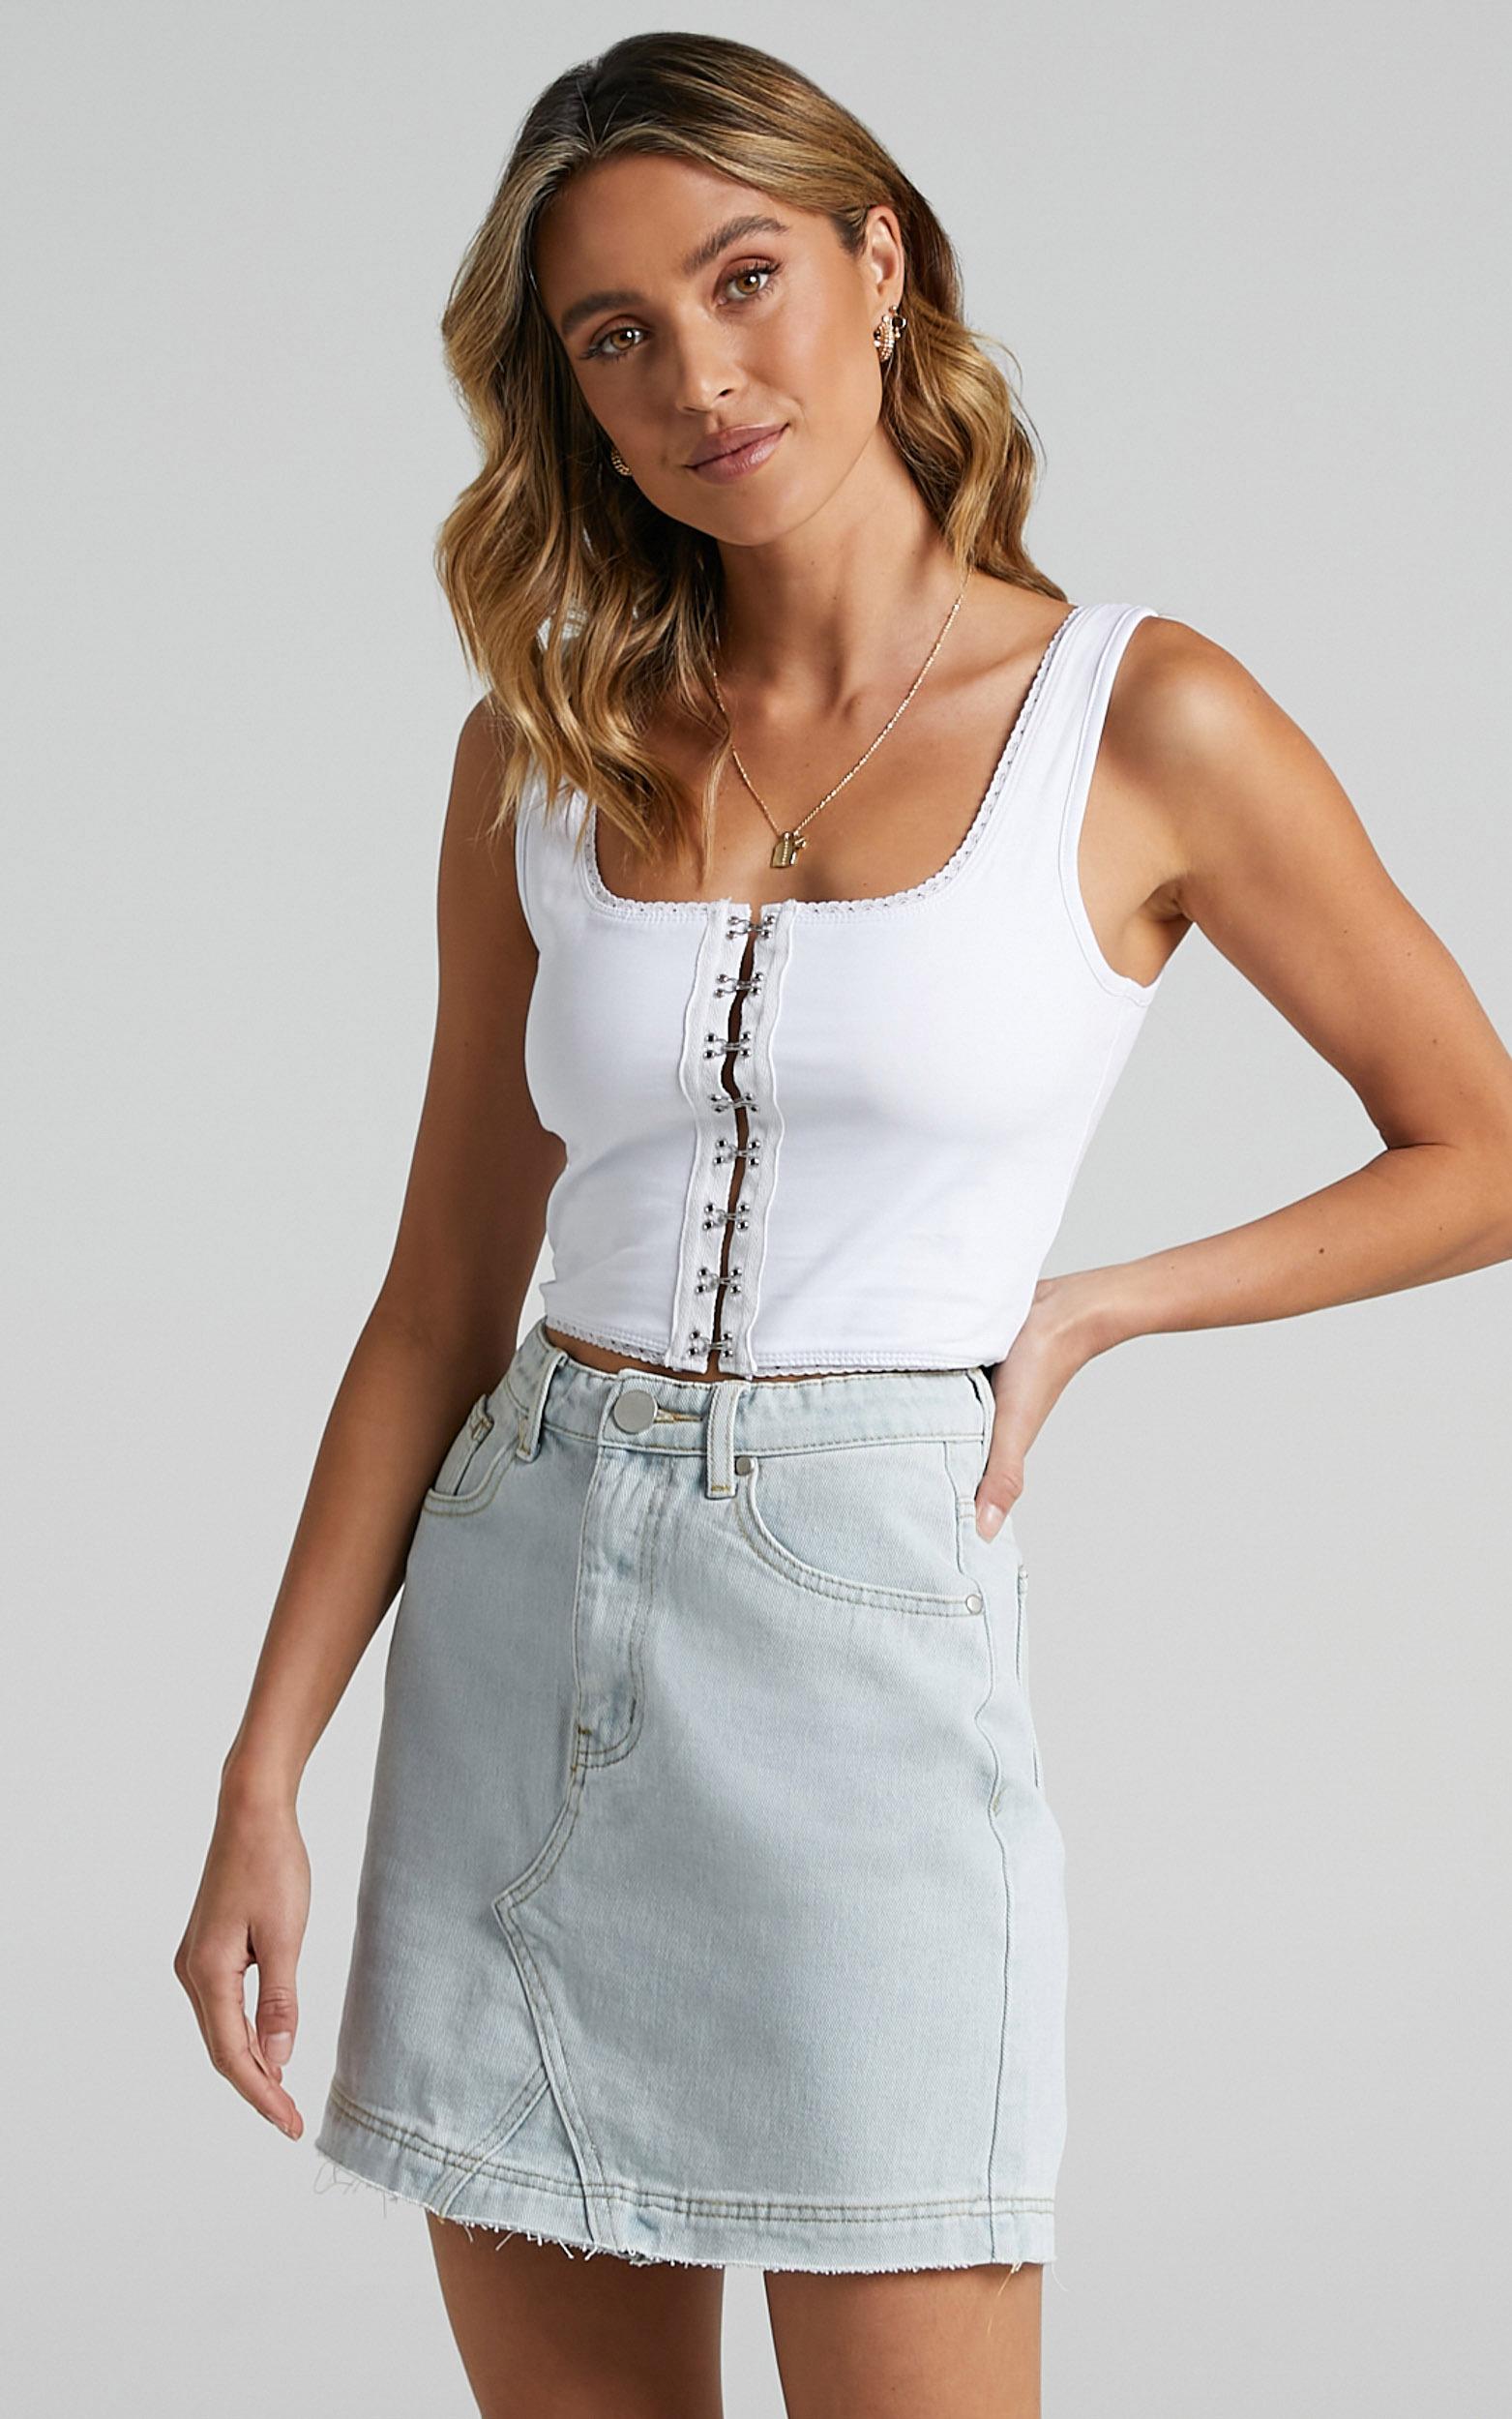 Acadia Denim Skirt in Light Vintage Wash - 06, BLU2, hi-res image number null